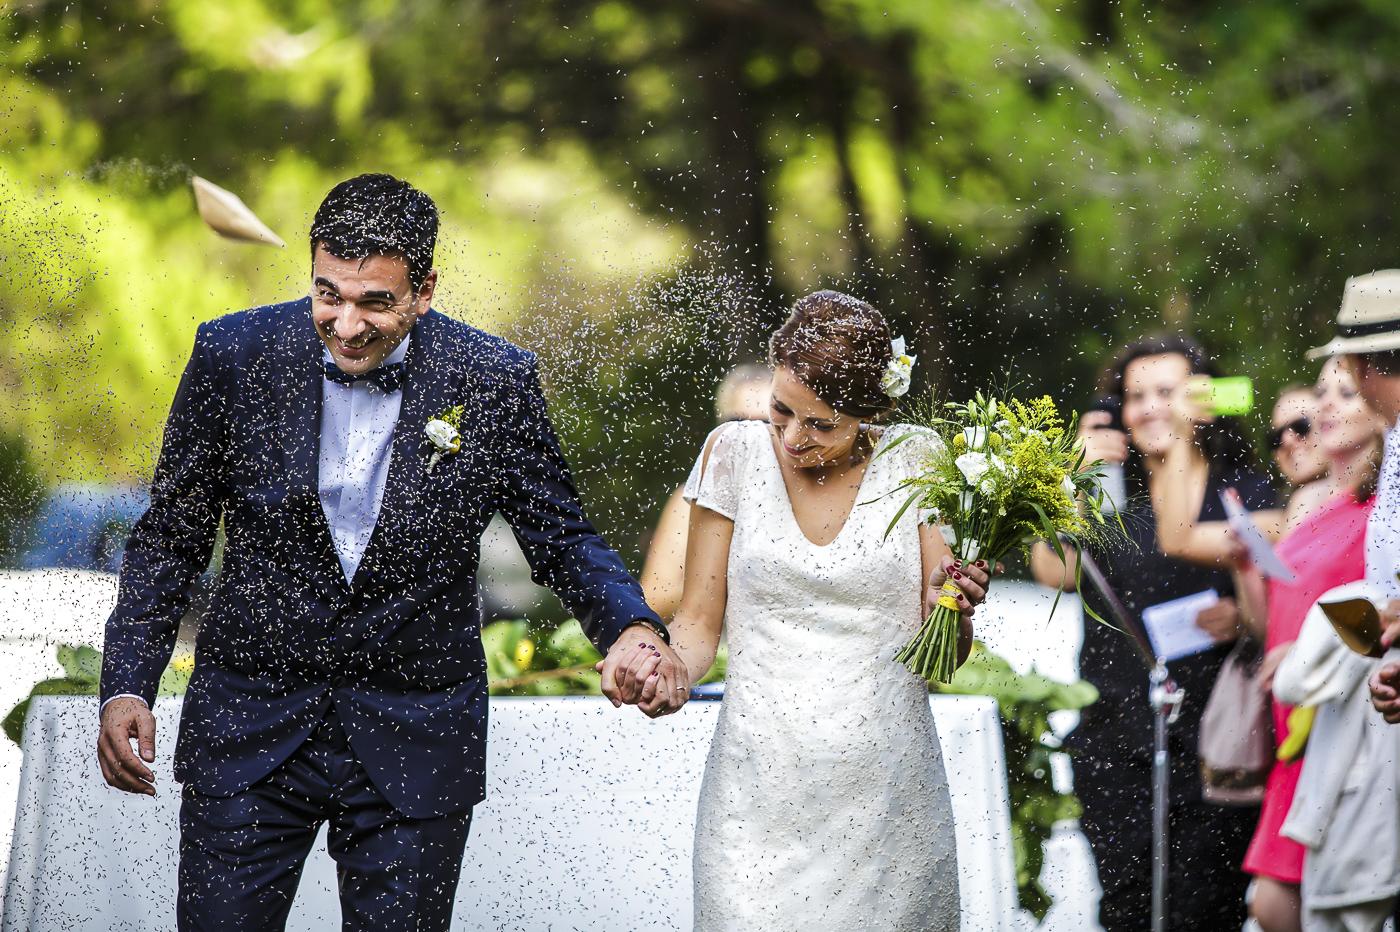 Arranjaments florals per a un casament fresc i mediterrani on vam realitzar la corona pel cap de la núvia, les agulles pel nuvi i el padrí, el ram de la núvia, els centres de taulai la decoració de les cadires de la cerimònia tot amb tons verds, grocs i blancs. Les flors que es van utilitzar van ser els crisantems blancs, solidago lisianthus blancs i craspedies grogues. Vista dels nuvis caminat sota una pluja d'espígol que els convidats els tiren al passar pel passadís on es va fer la cerimònia. S'hi veu l'agulla del nuvi, la corona del cap de la núvia i el ram que agafa amb una mà.